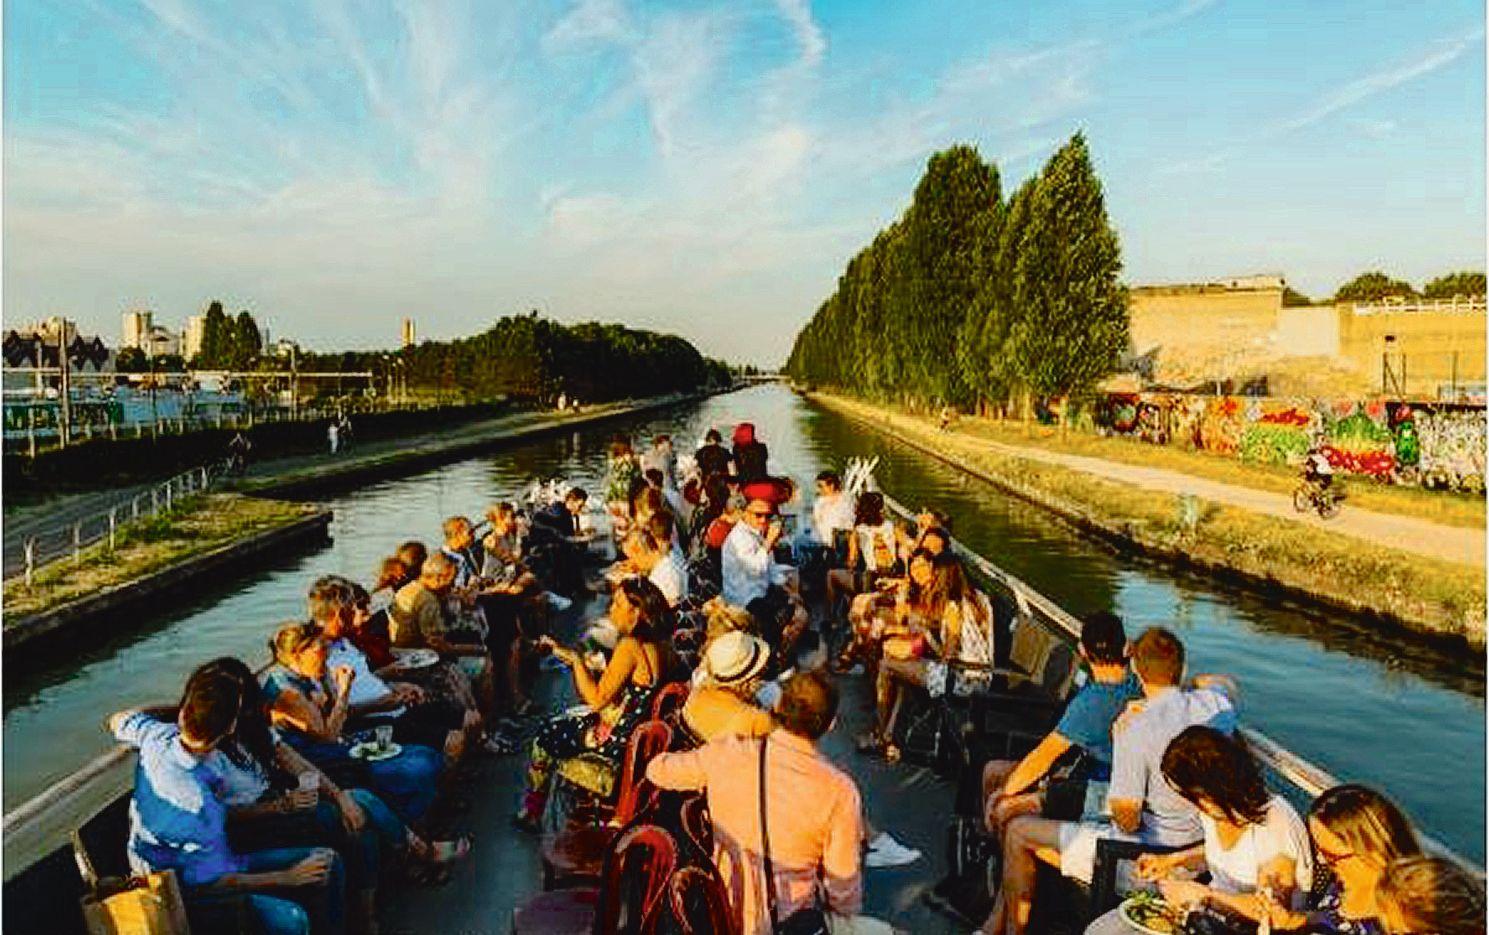 Cinéma en plein air 2019 à la Villette: le programme